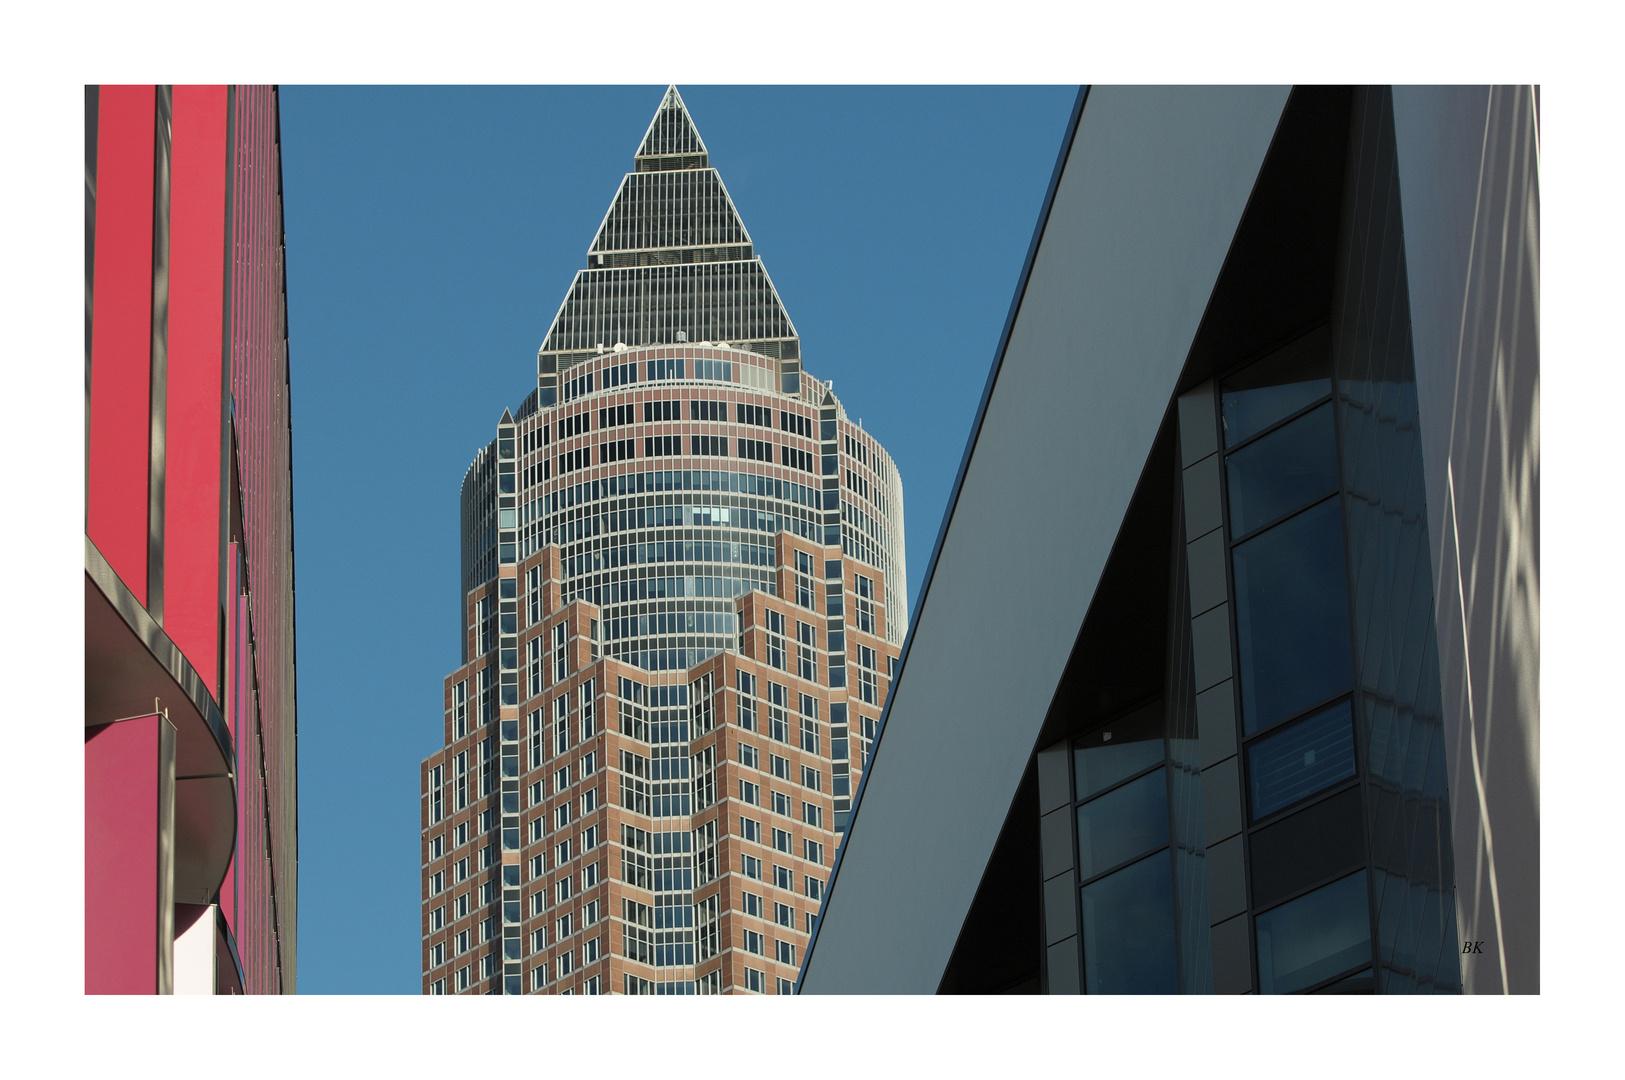 Hessische Impressionen - Messeturm Frankfurt am Main